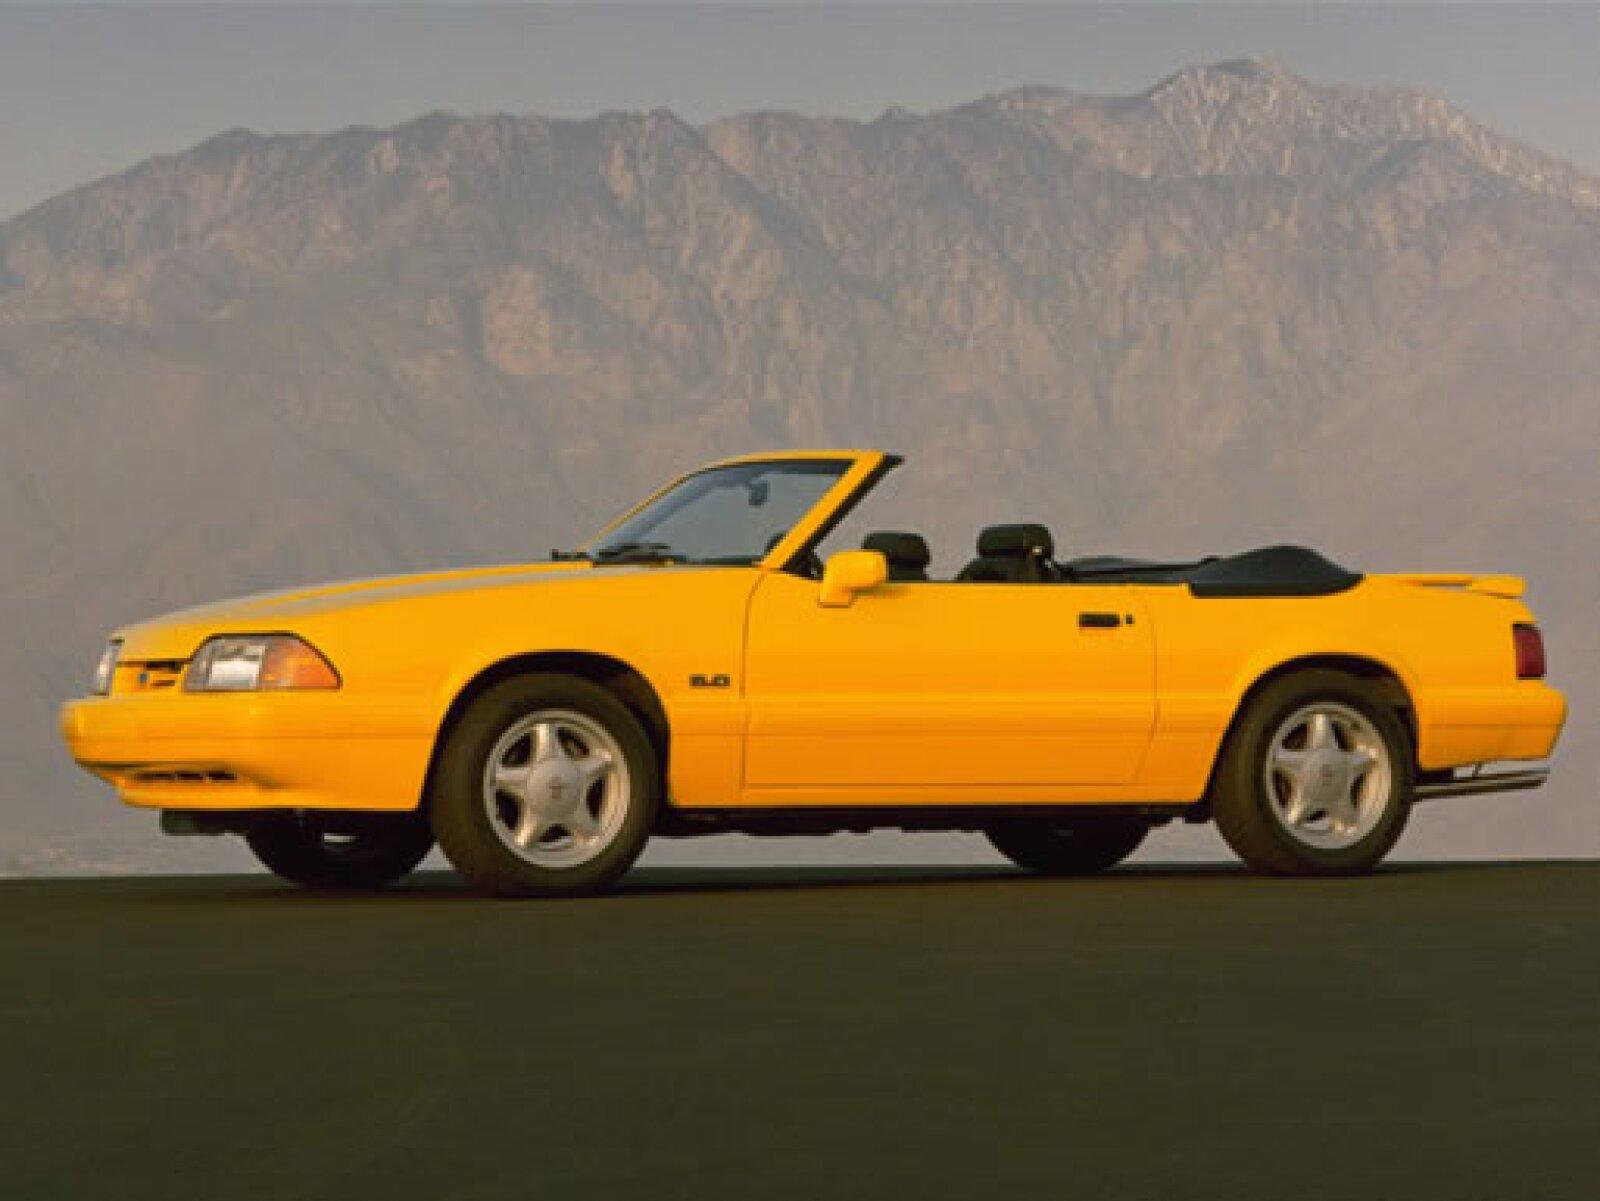 El modelo de 1993 tuvo como principal función aparecer en distintas carreras automovilísticas.